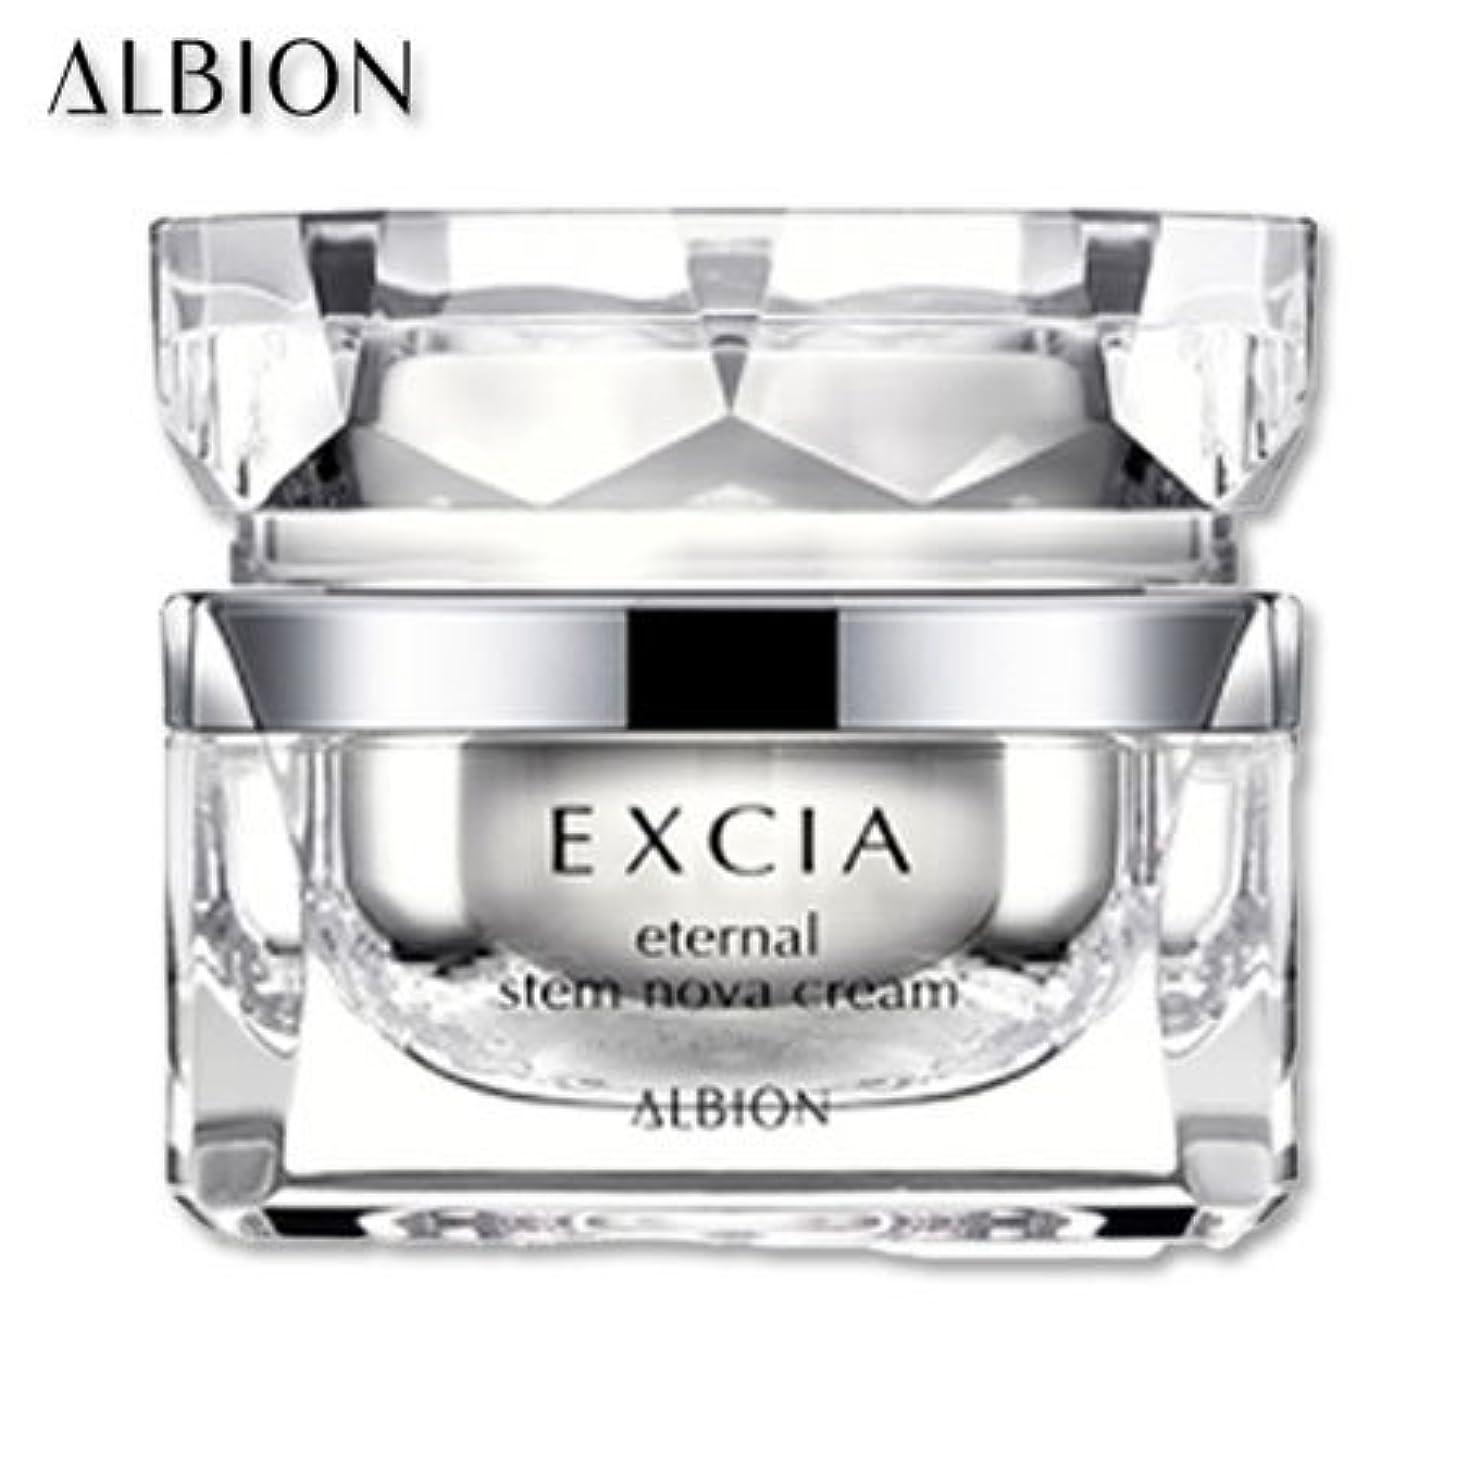 スタウト生き物一杯アルビオン エクシア AL エターナル ステム ノーヴァ クリーム 30g-ALBION-